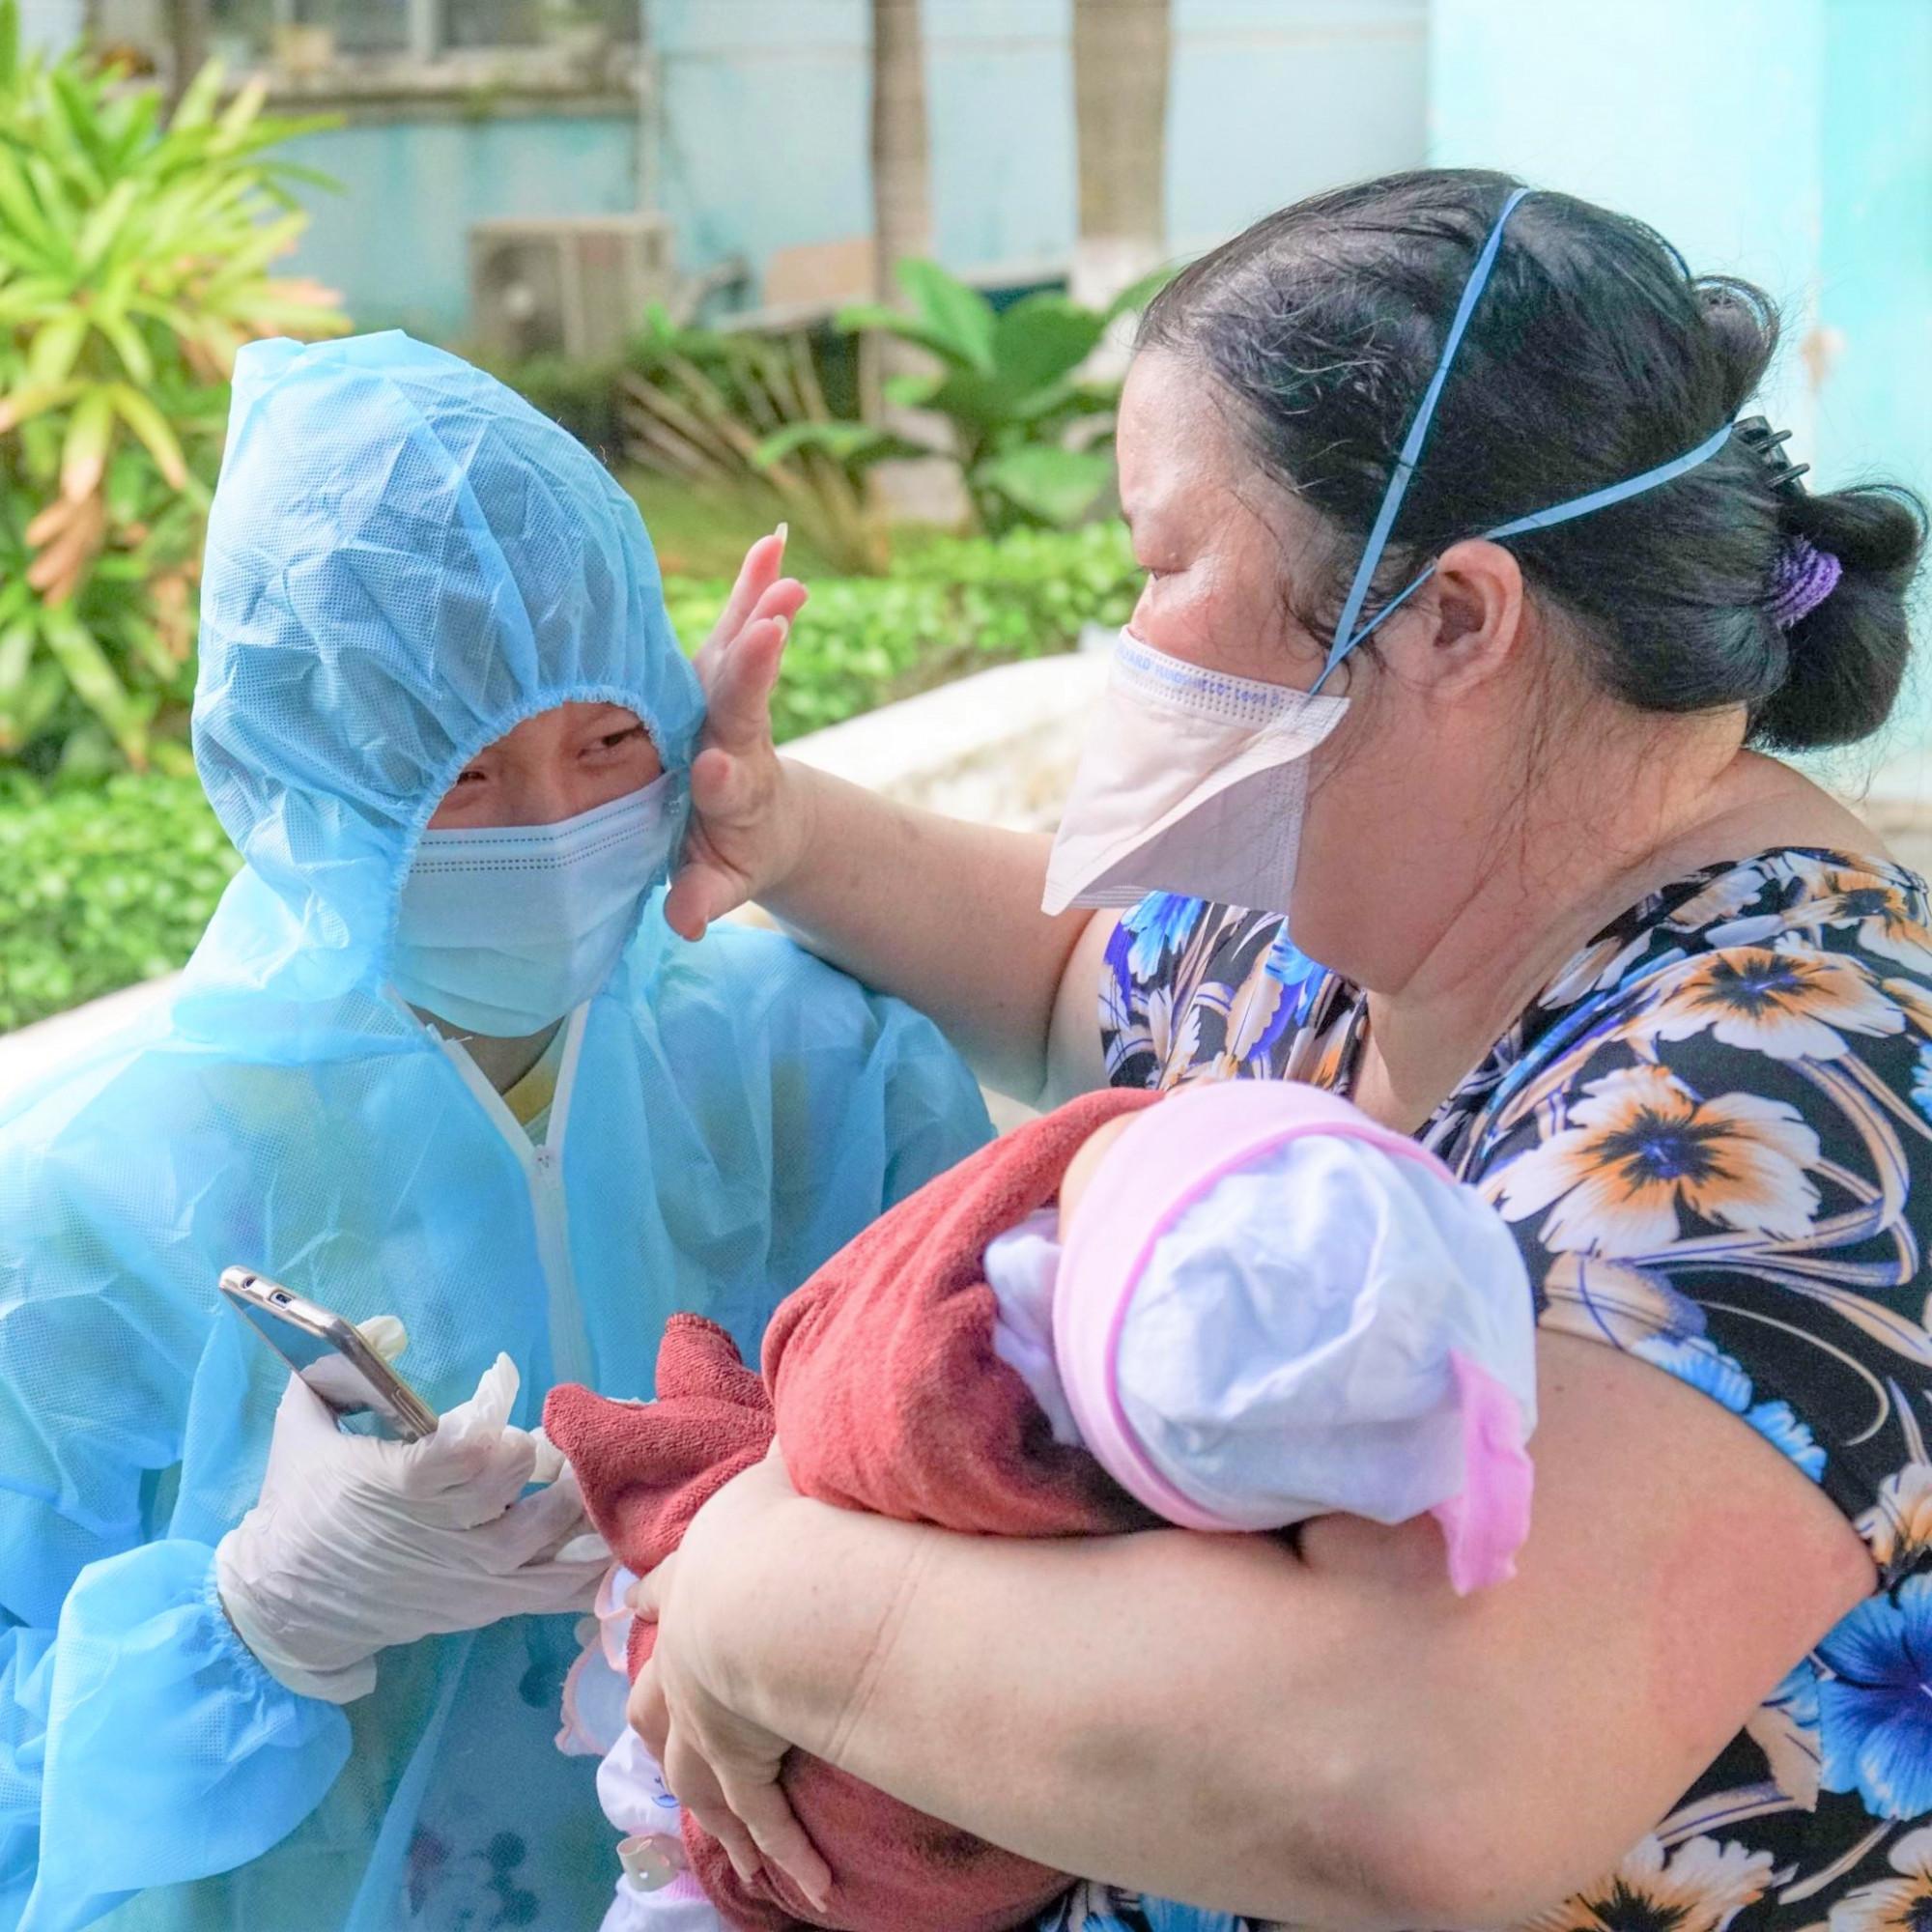 Chị có niềm tin mình sẽ sớm chiến thắng dịch bệnh để về với con, nhưng vẫn không thể kiềm lại những giọt nước mắt khi phải tạm xa con